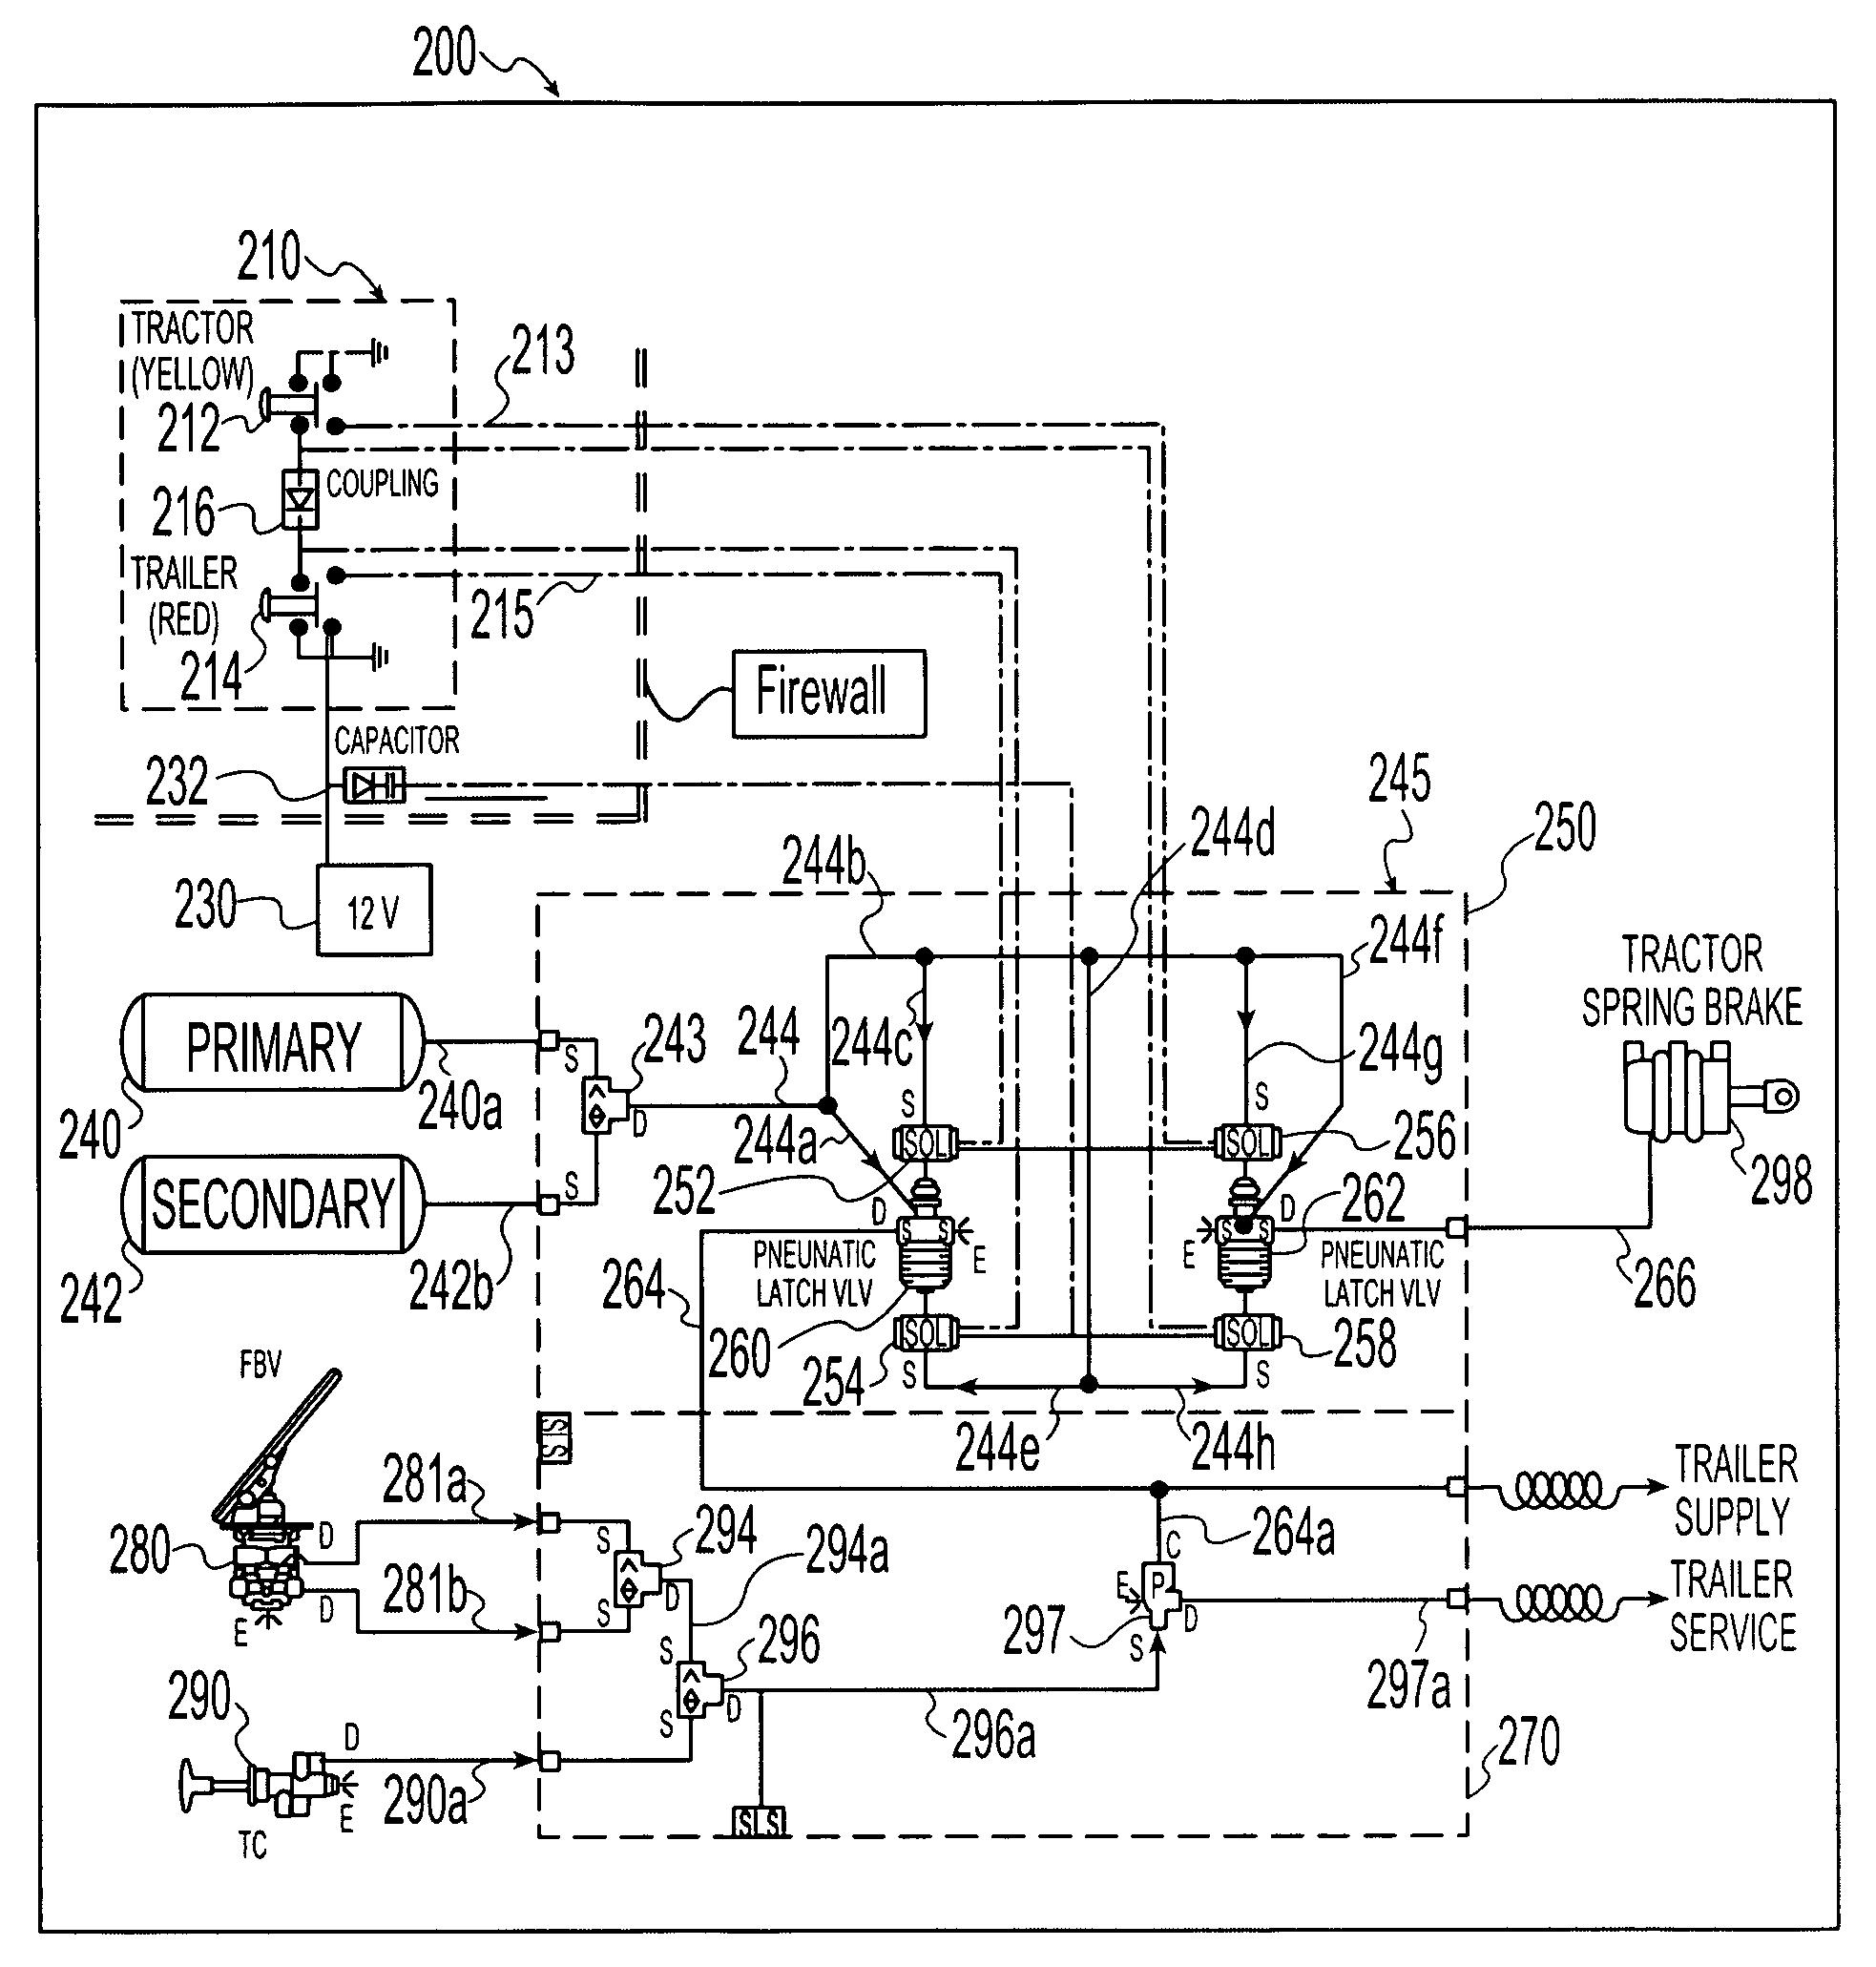 Audi Tt Haldex Wiring Diagram Electrical Diagrams 2000 225 Quattro Main Fuse Box Enthusiast U2022 Oil Leak